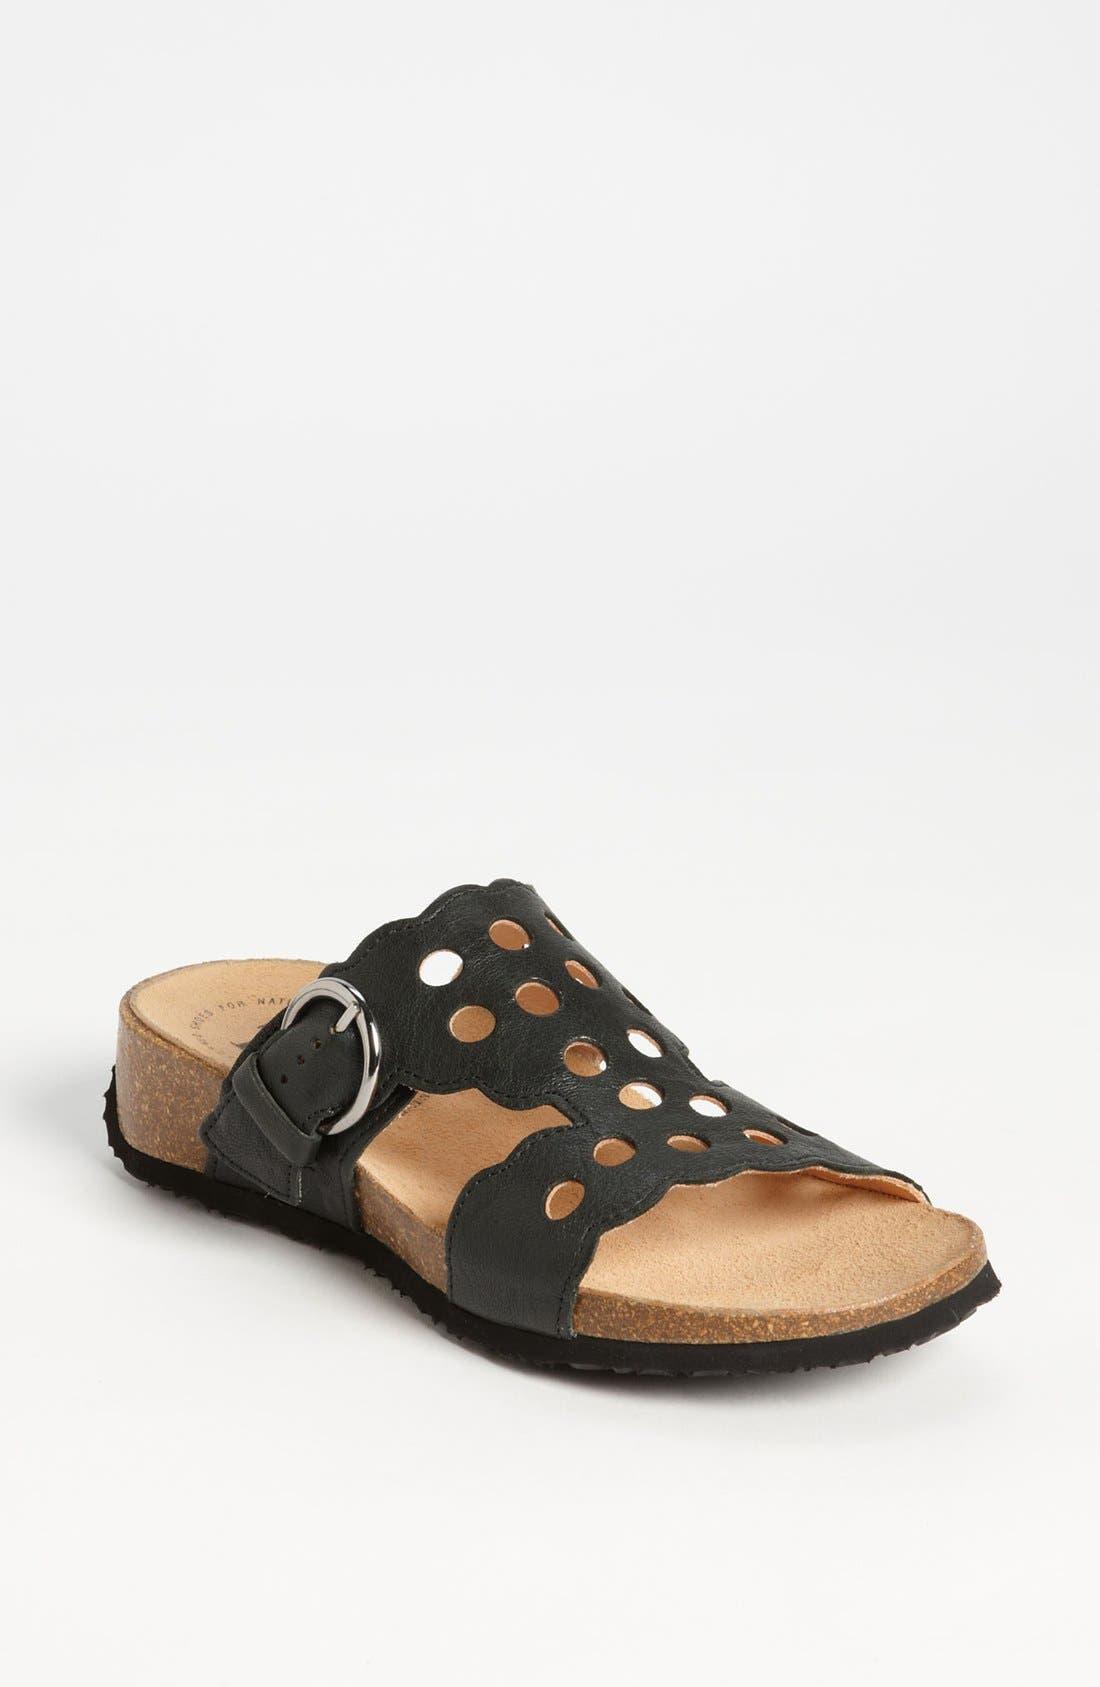 'Mizzi' T-Strap Sandal,                             Main thumbnail 1, color,                             BLACK LEATHER